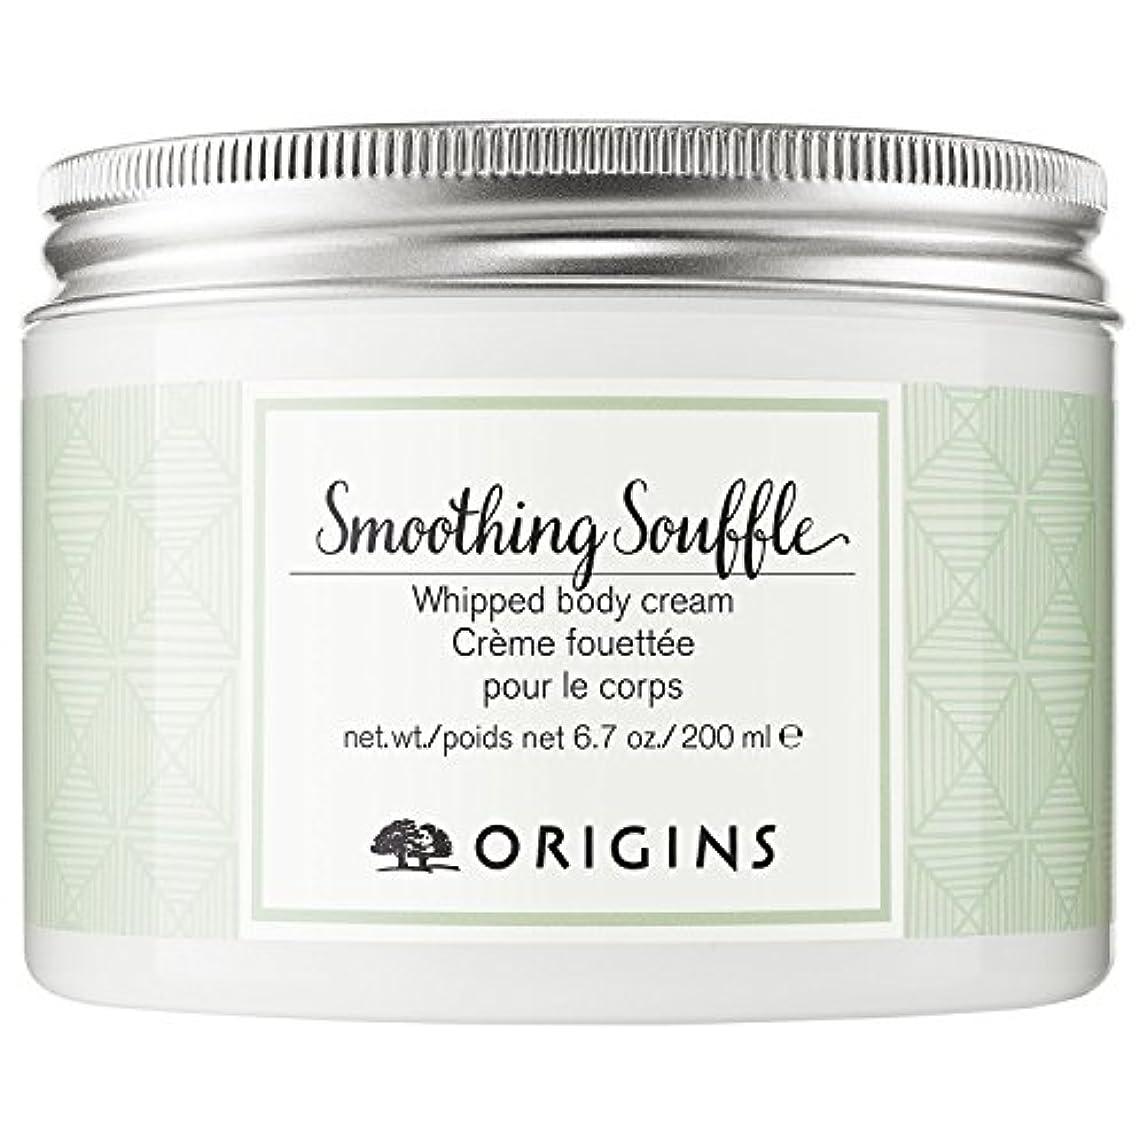 ニュージーランドセージ混合したスフレホイップボディクリーム200ミリリットルを平滑化の起源 (Origins) (x6) - Origins Smoothing Souffl? Whipped Body Cream 200ml (Pack of 6)...